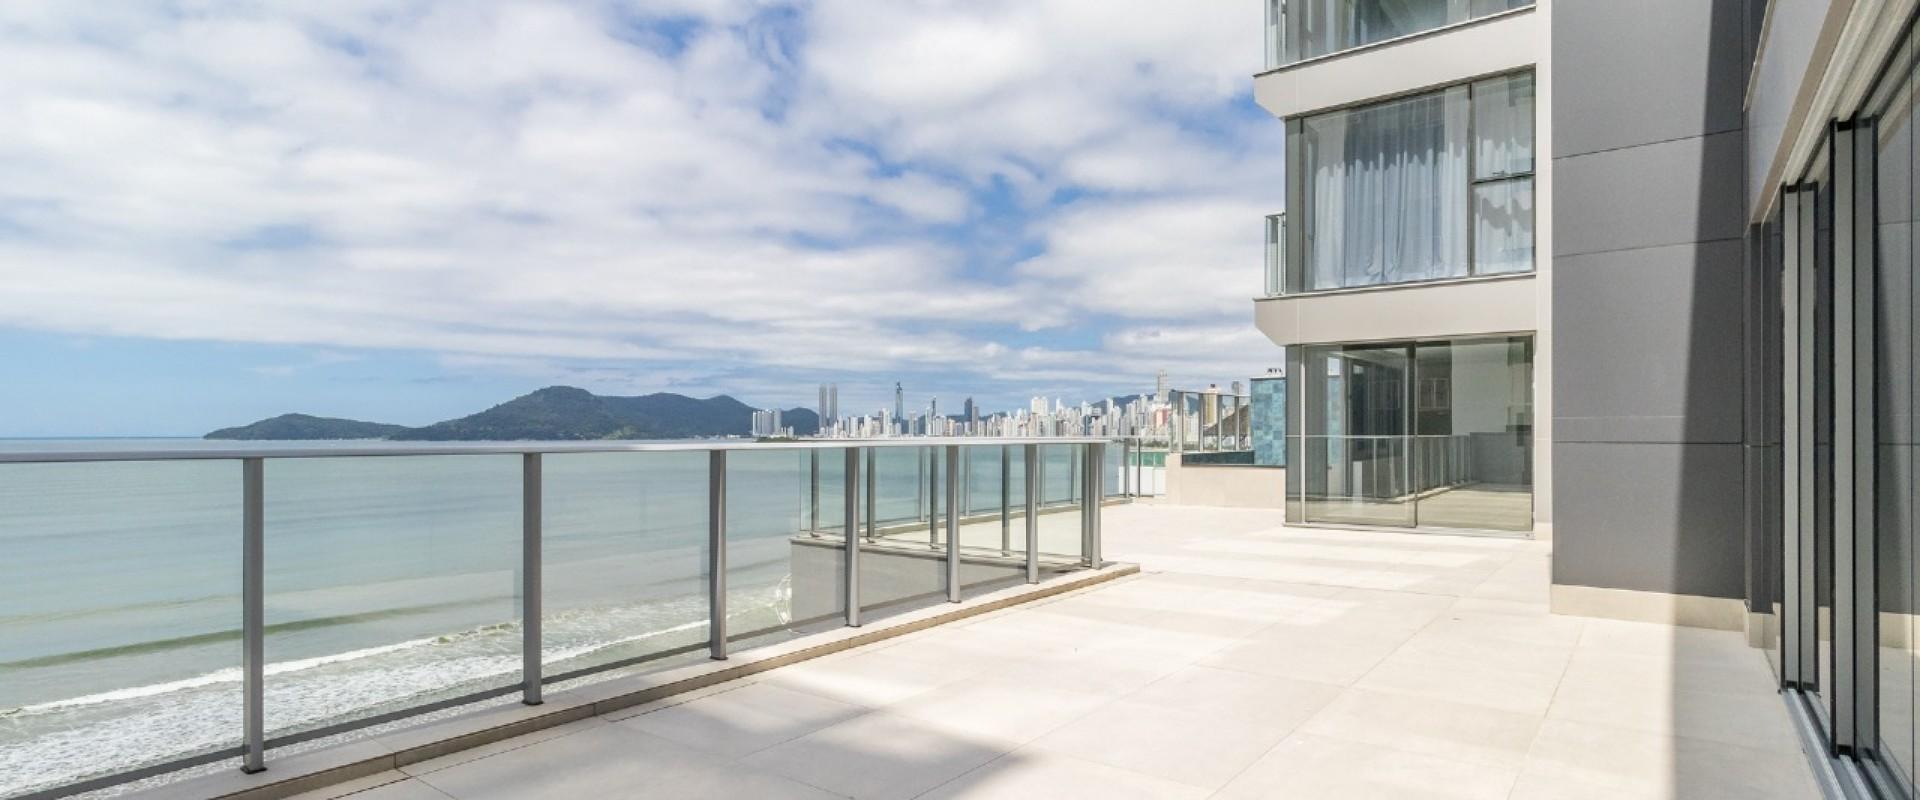 Splendido Apartamento Diferenciado no Edifício Splendido em Balneário Camboriú